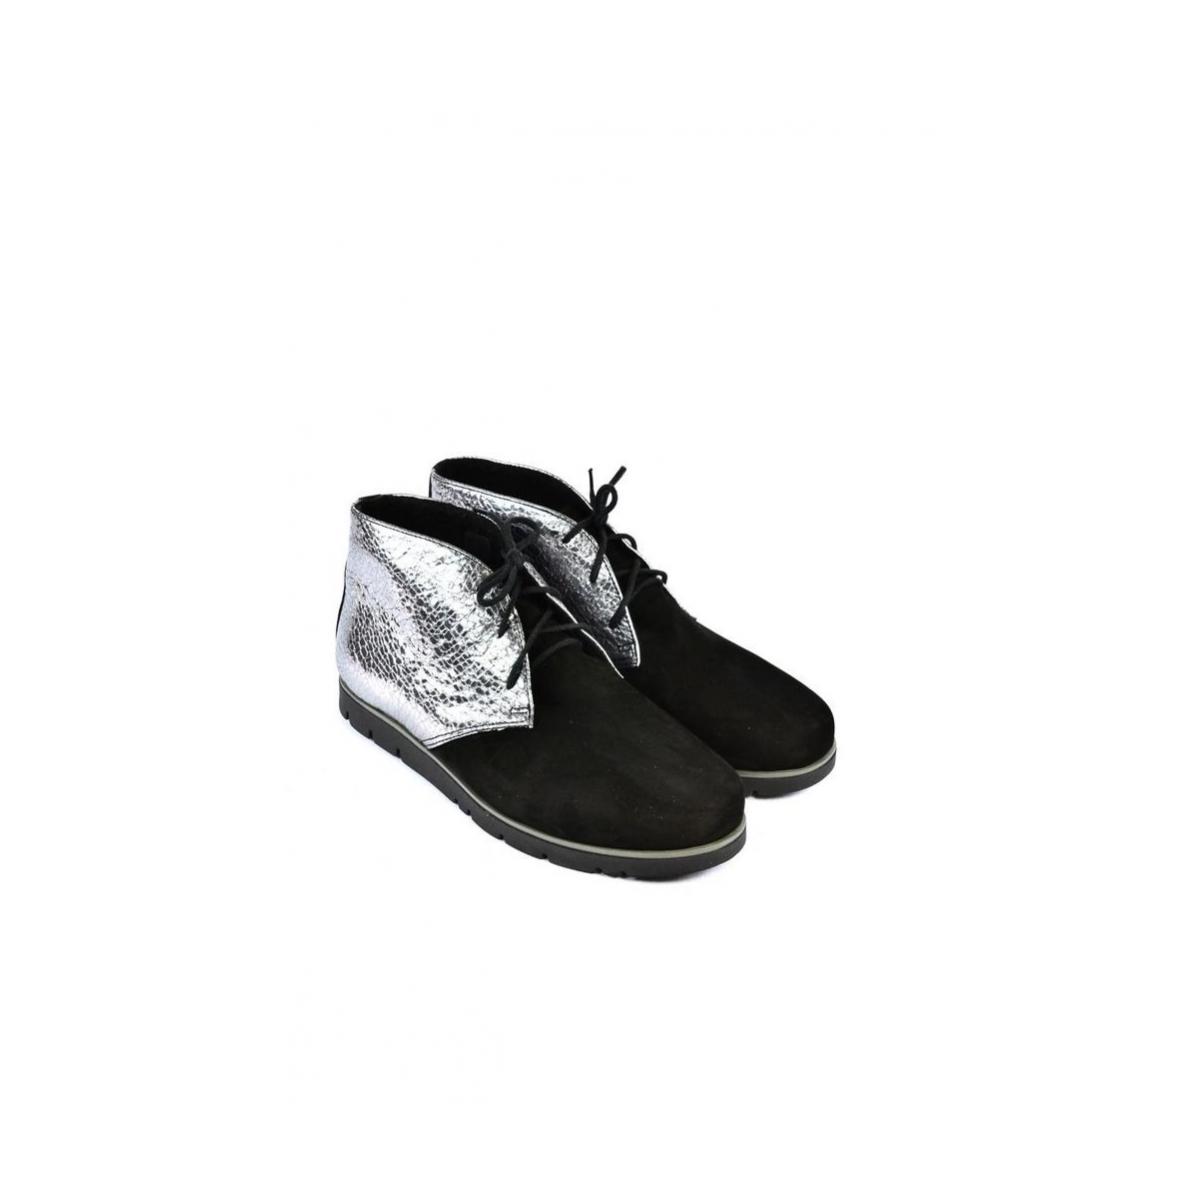 1a8de13302b3 Dámske čierno-strieborné kožené topánky ZEFIR - 5